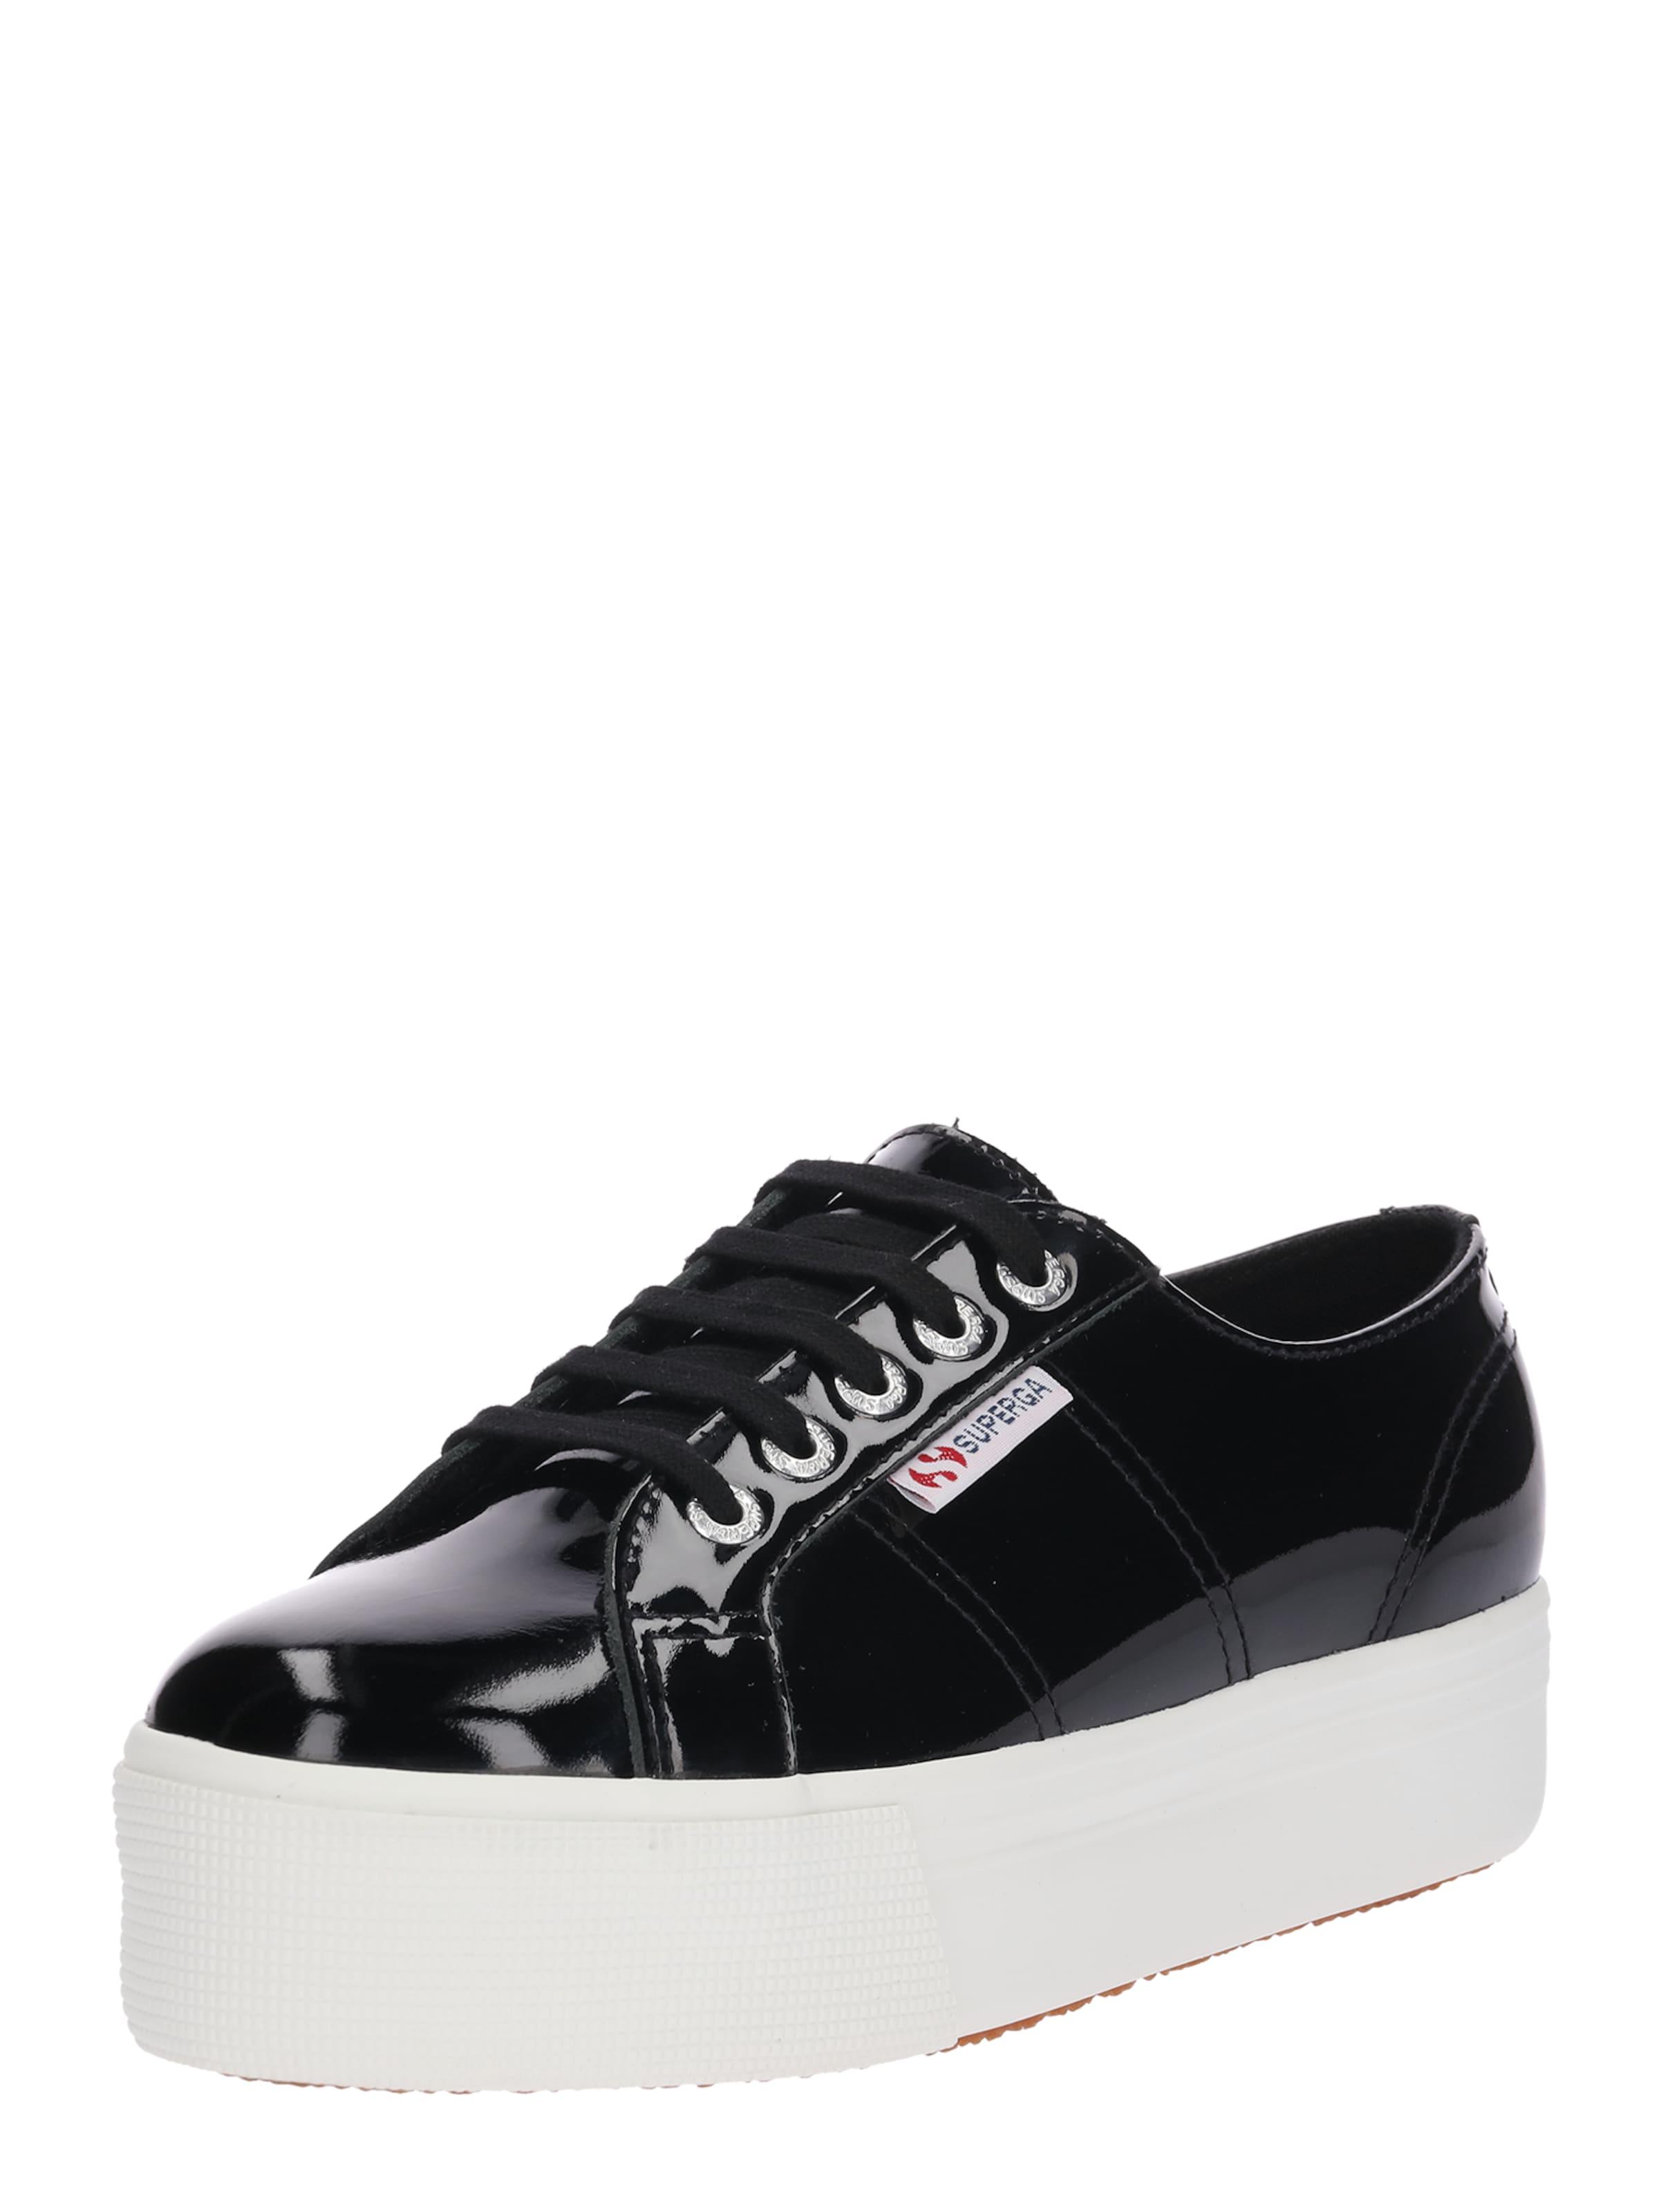 SUPERGA Sneaker Verschleißfeste billige Schuhe Hohe Qualität